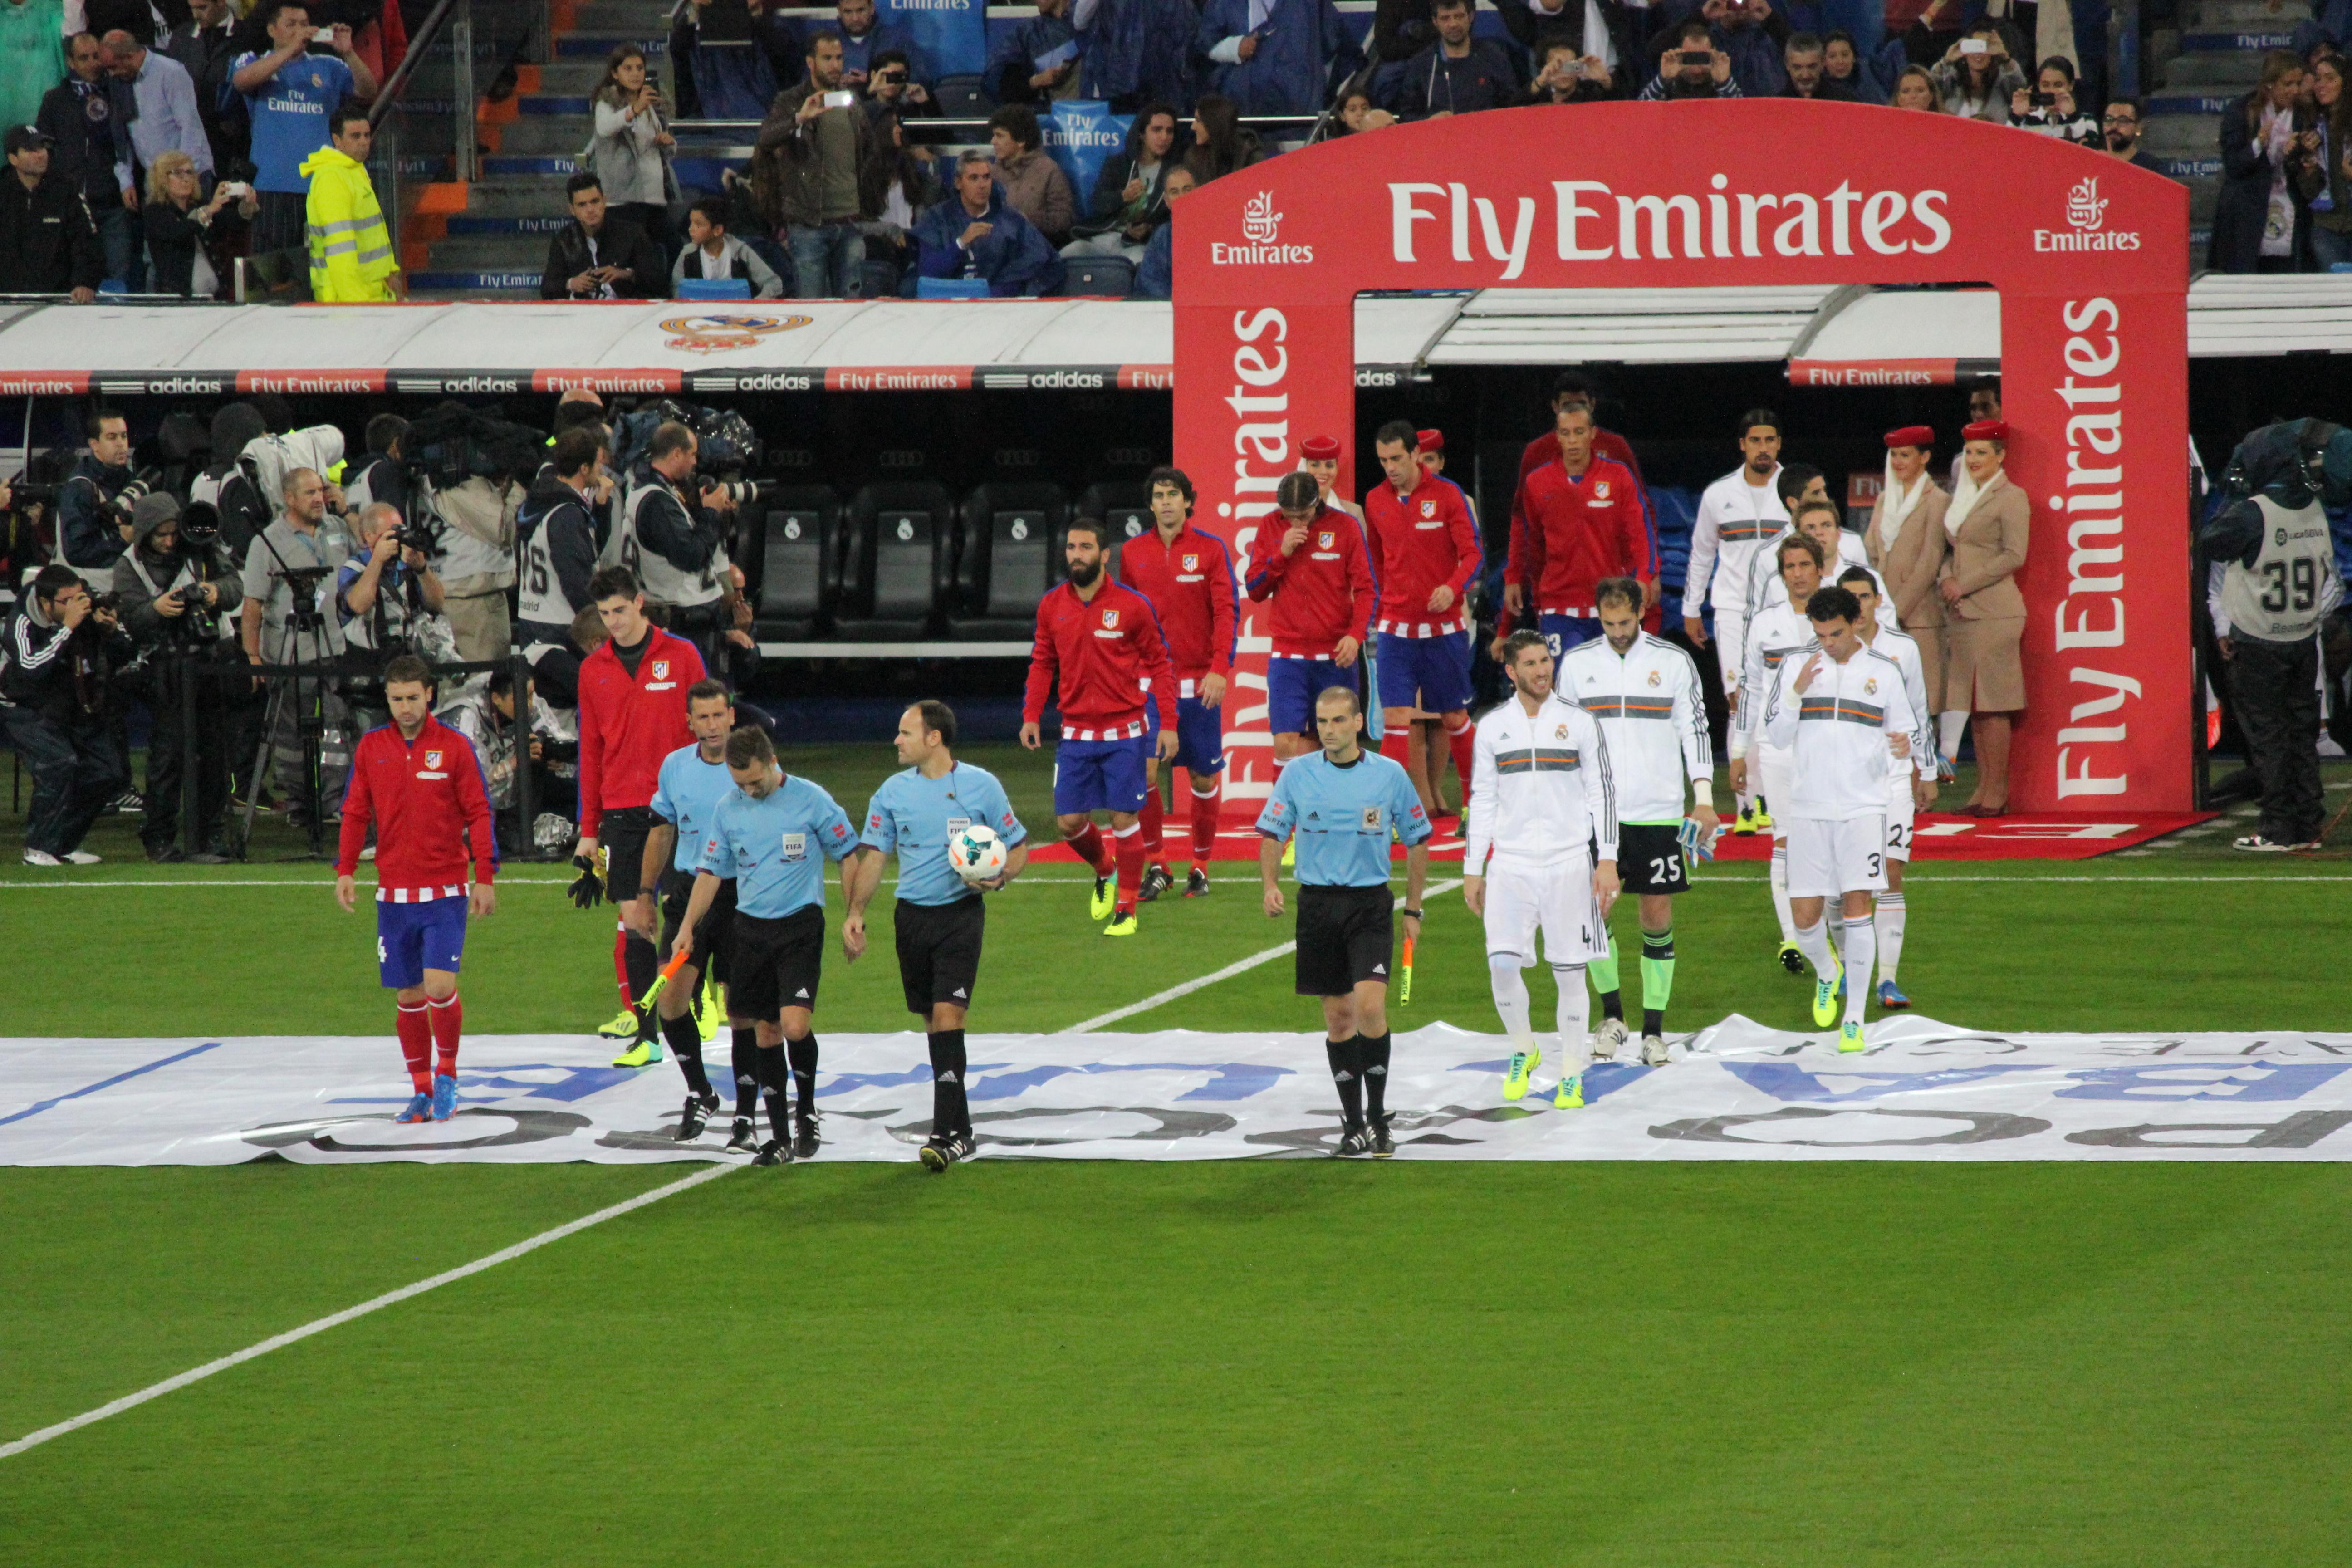 Real Madrid Club de Fútbol 2013-2014 - Wikipedia 54316200d96c2